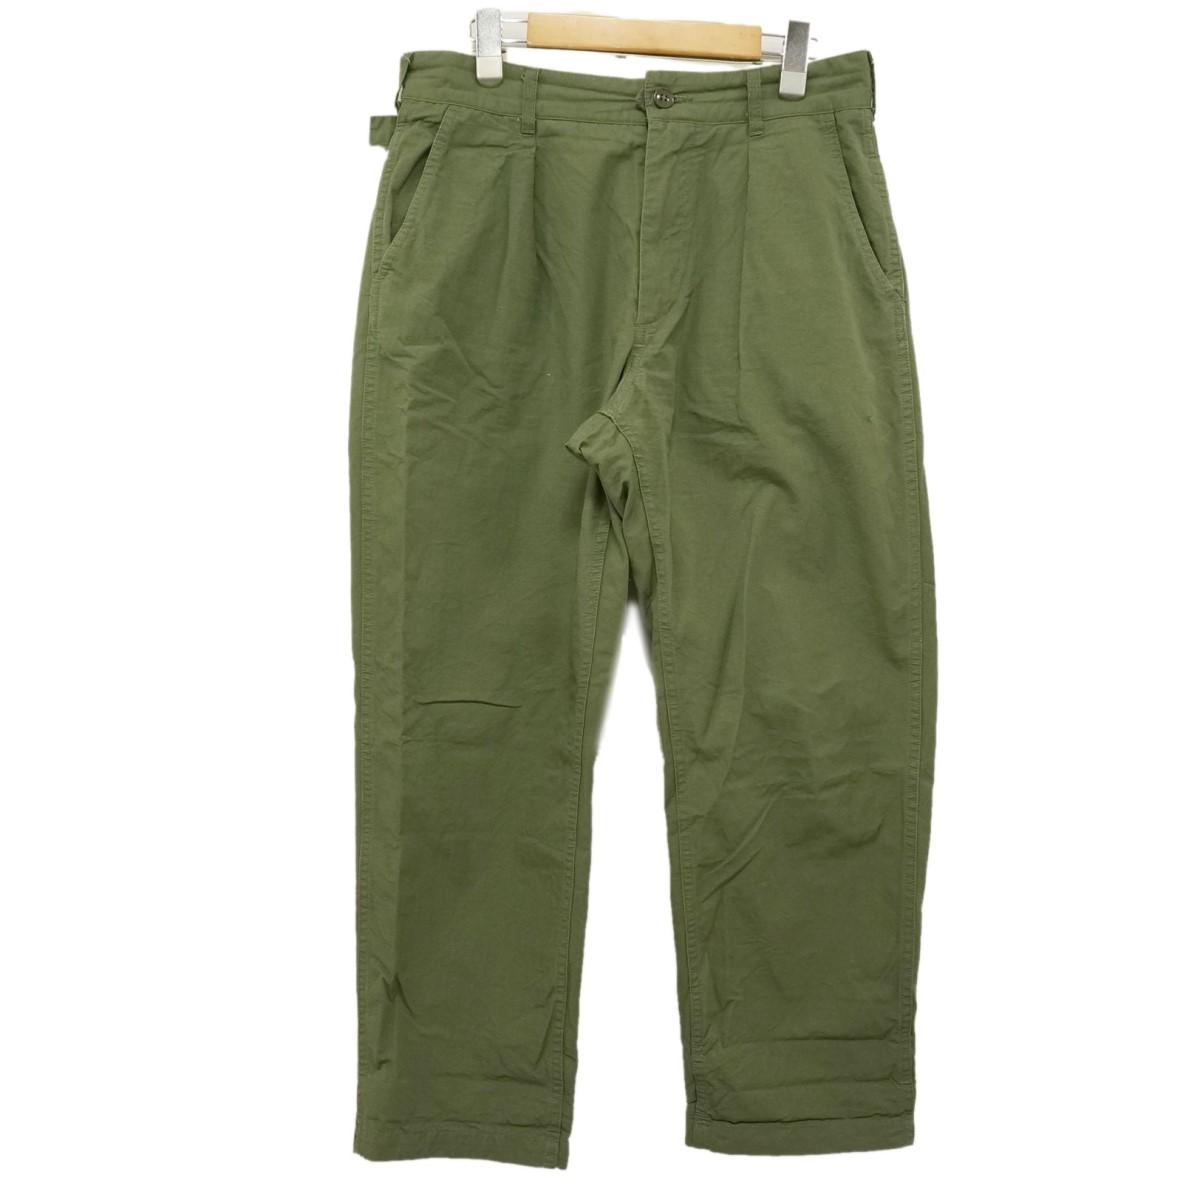 【中古】Engineered Garments ミリタリーパンツ Ground Pant グラウンドパンツ カーキ サイズ:XS 【300320】(エンジニアードガーメンツ)